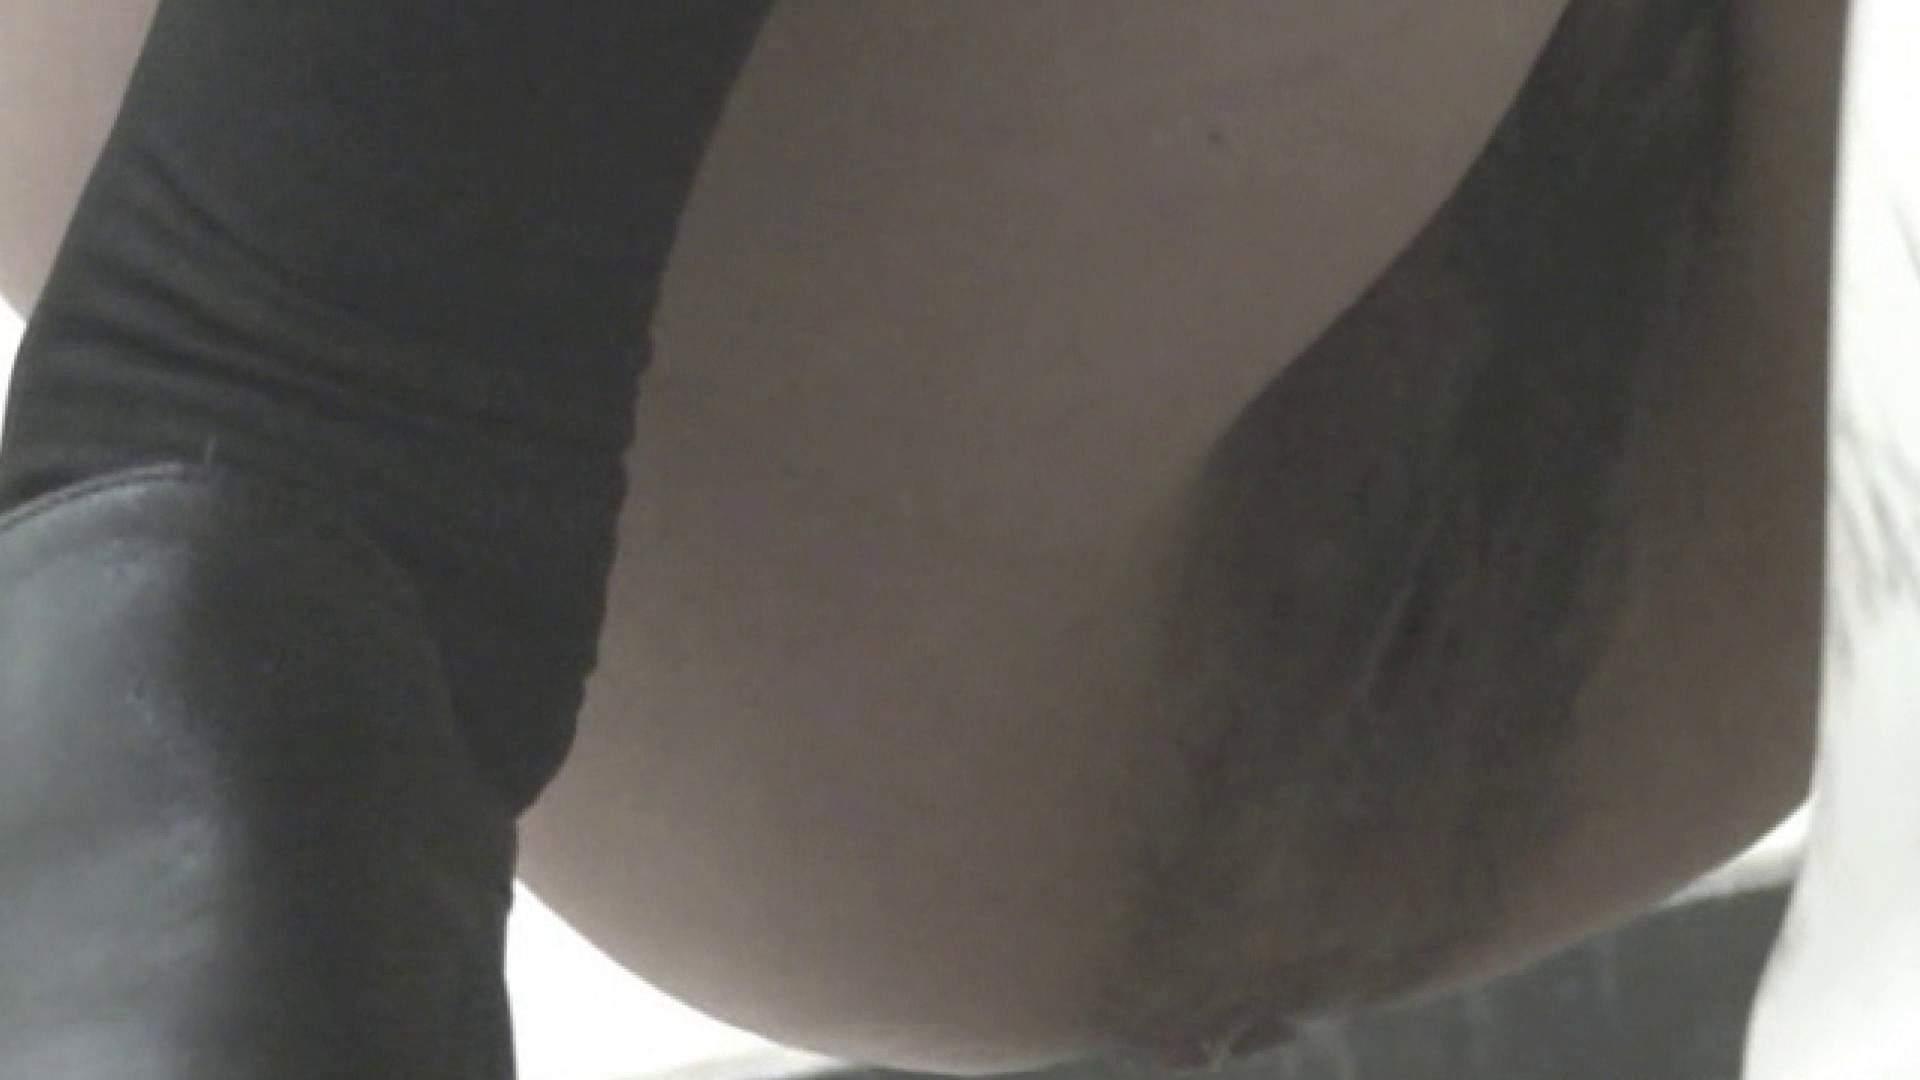 ロックハンドさんの盗撮記録File.02 マンコエロすぎ ワレメ動画紹介 109PIX 43